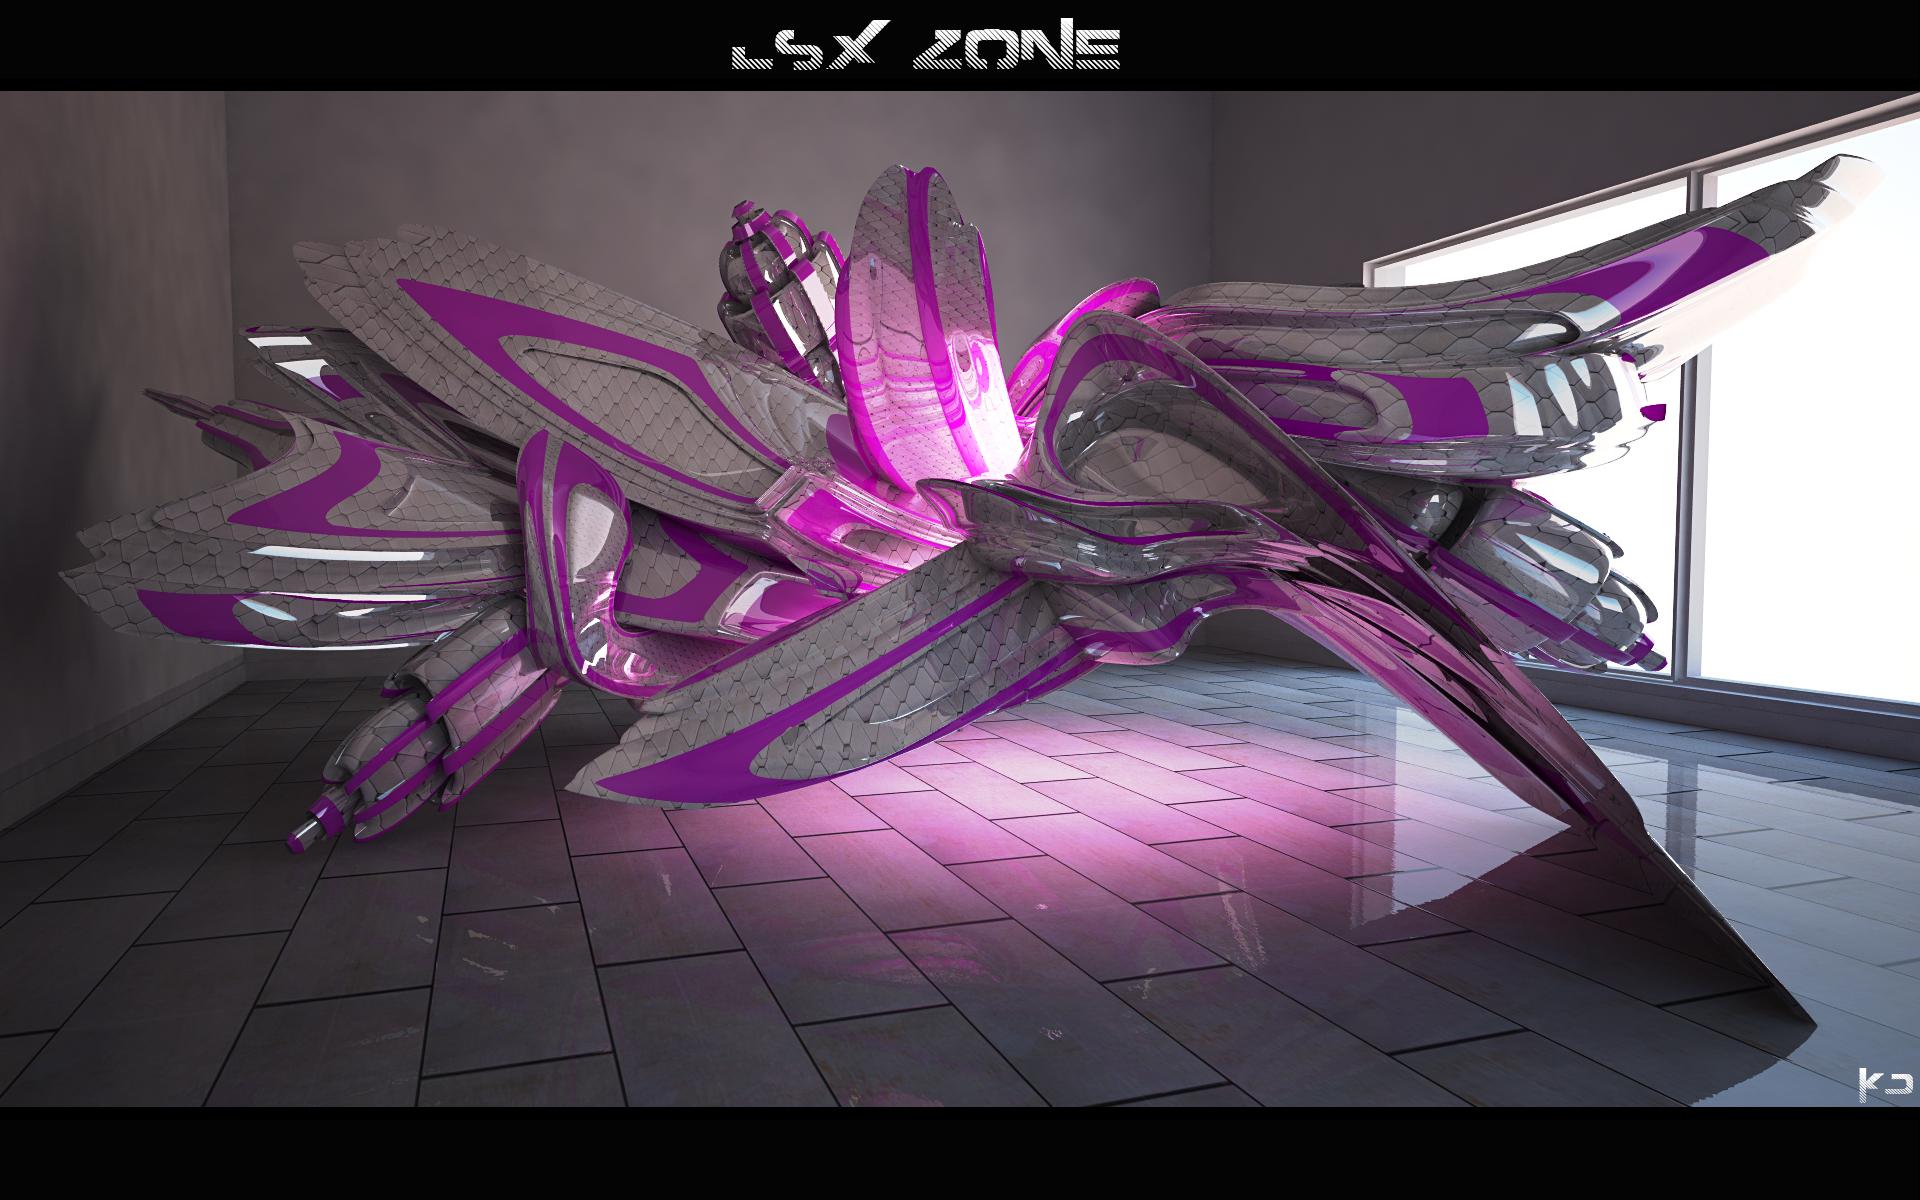 L s X zone by KRYPT06